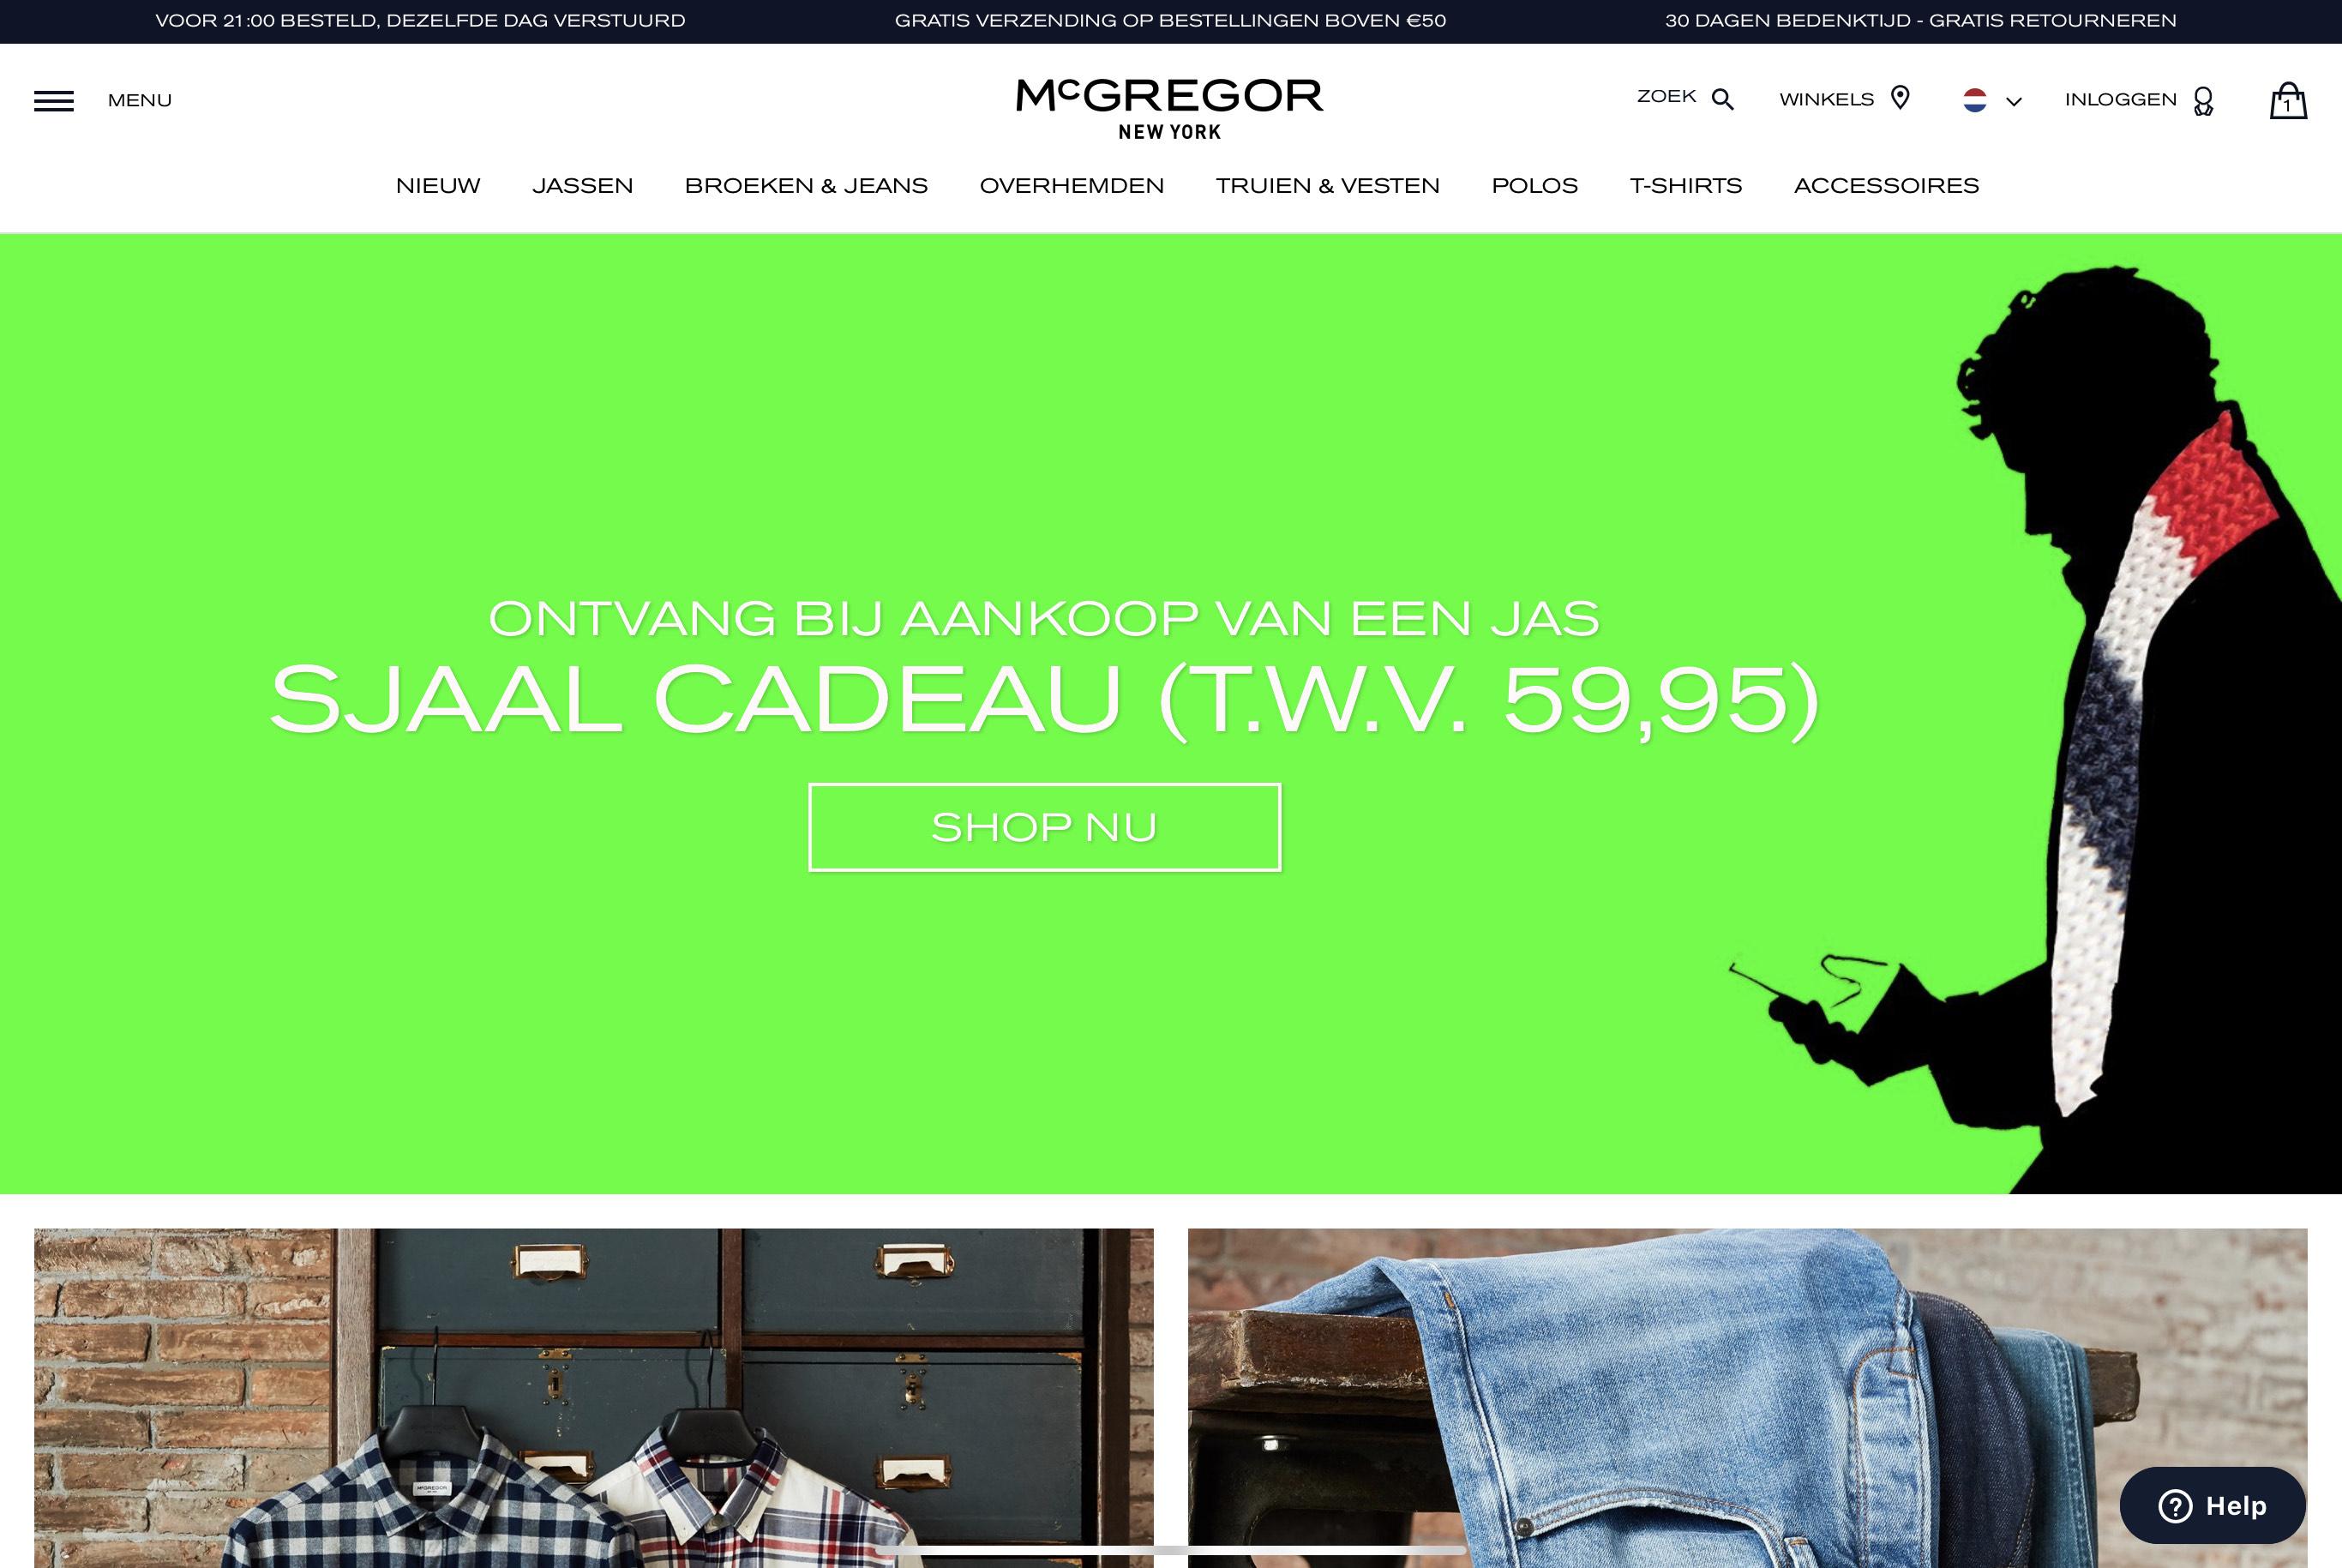 GRATIS Sjaal T.W.V € 59,95 Bij aankoop van een McGregor jas.